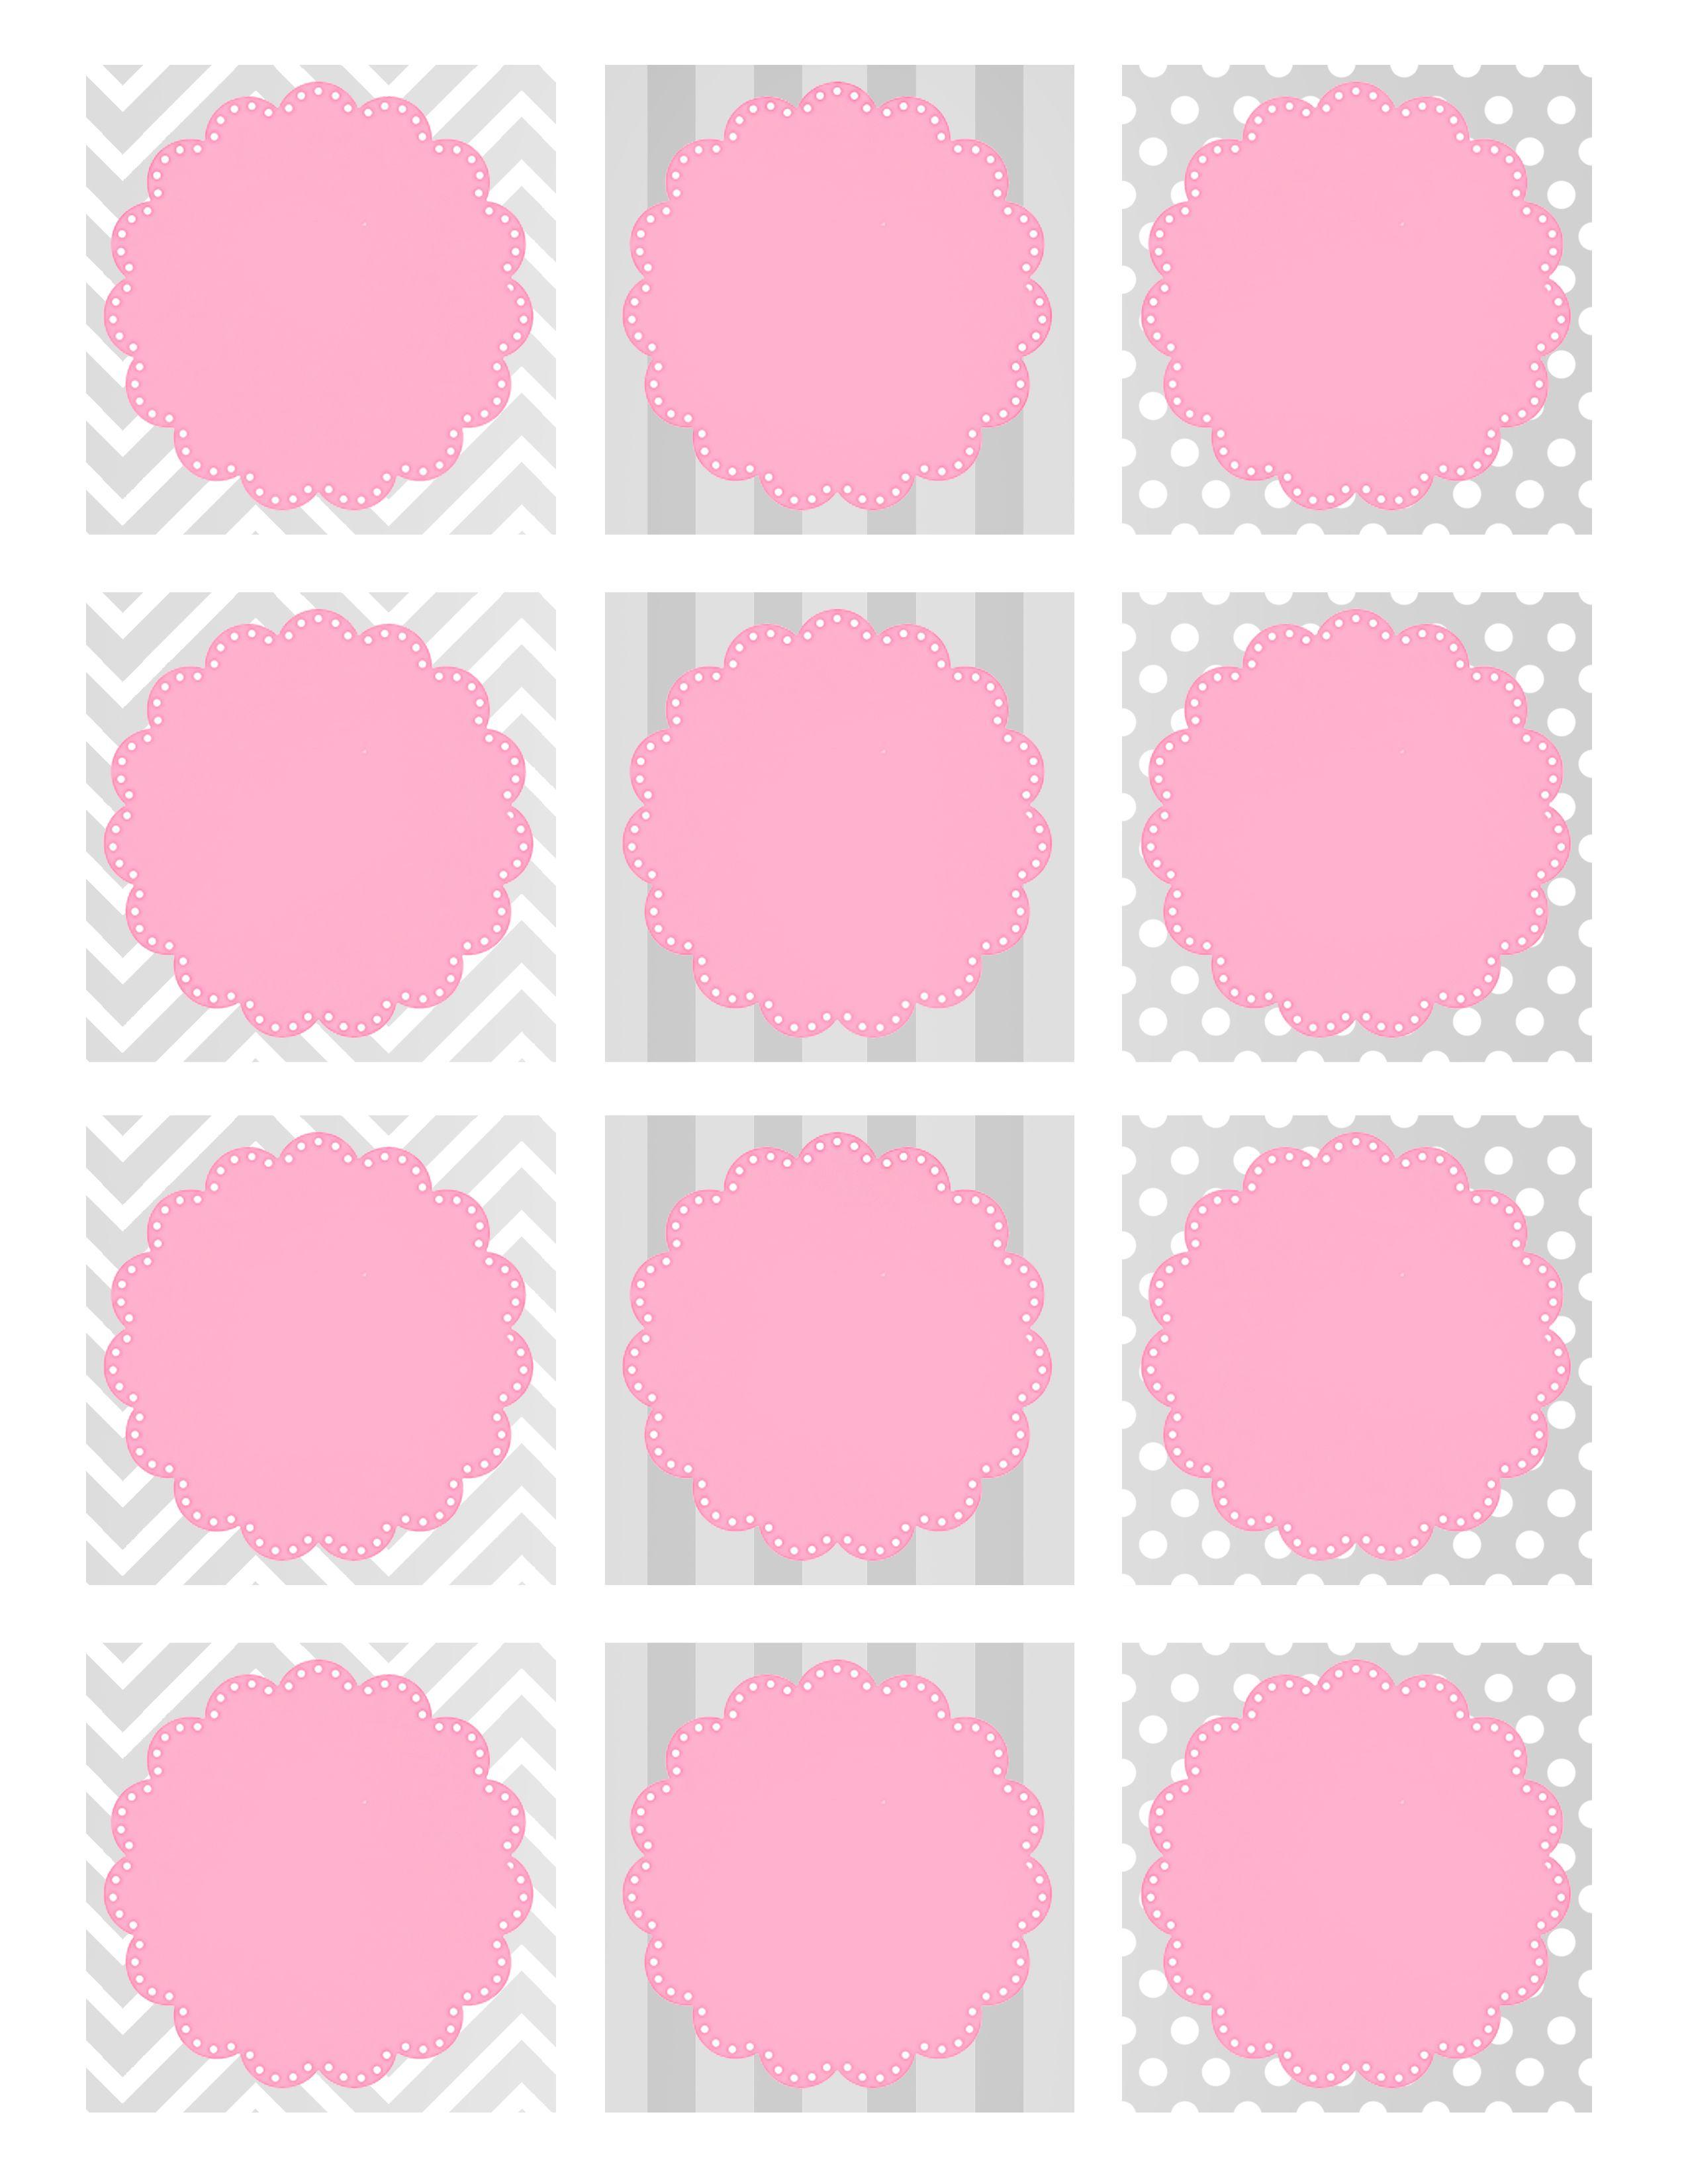 Baby Girl Shower Free Printables | Printable Pages | Pinterest - Free Printable Baby Shower Labels And Tags